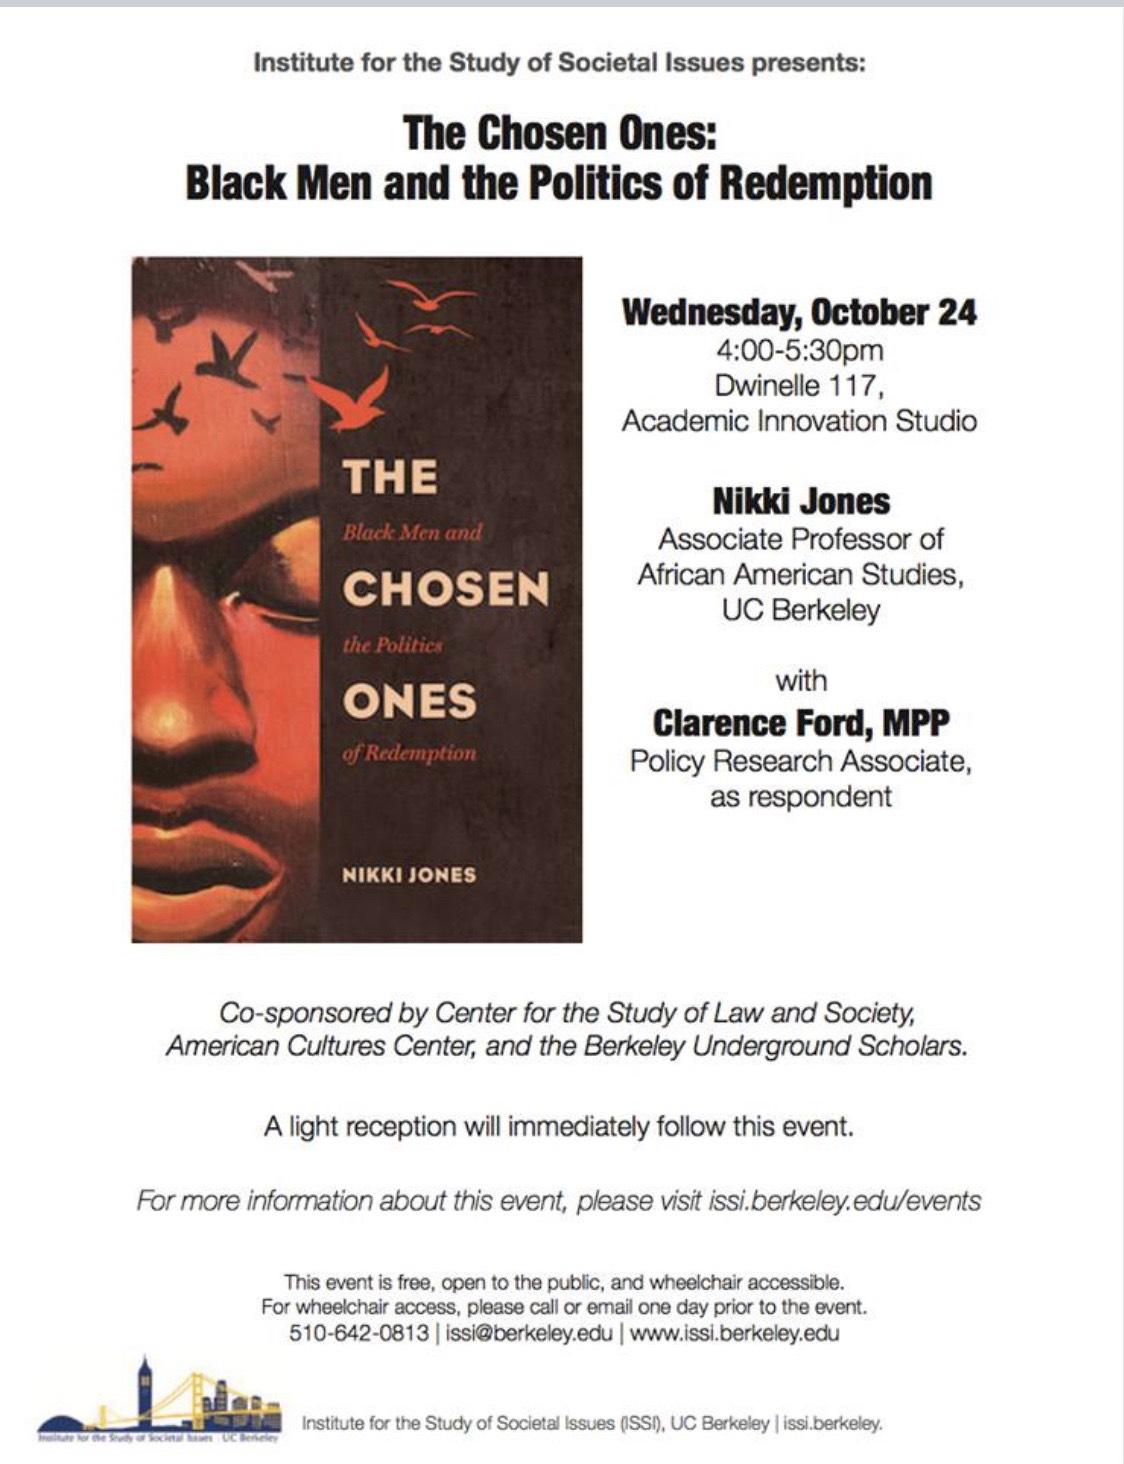 BlackMenAndThePoliticsOfRedemption.jpg